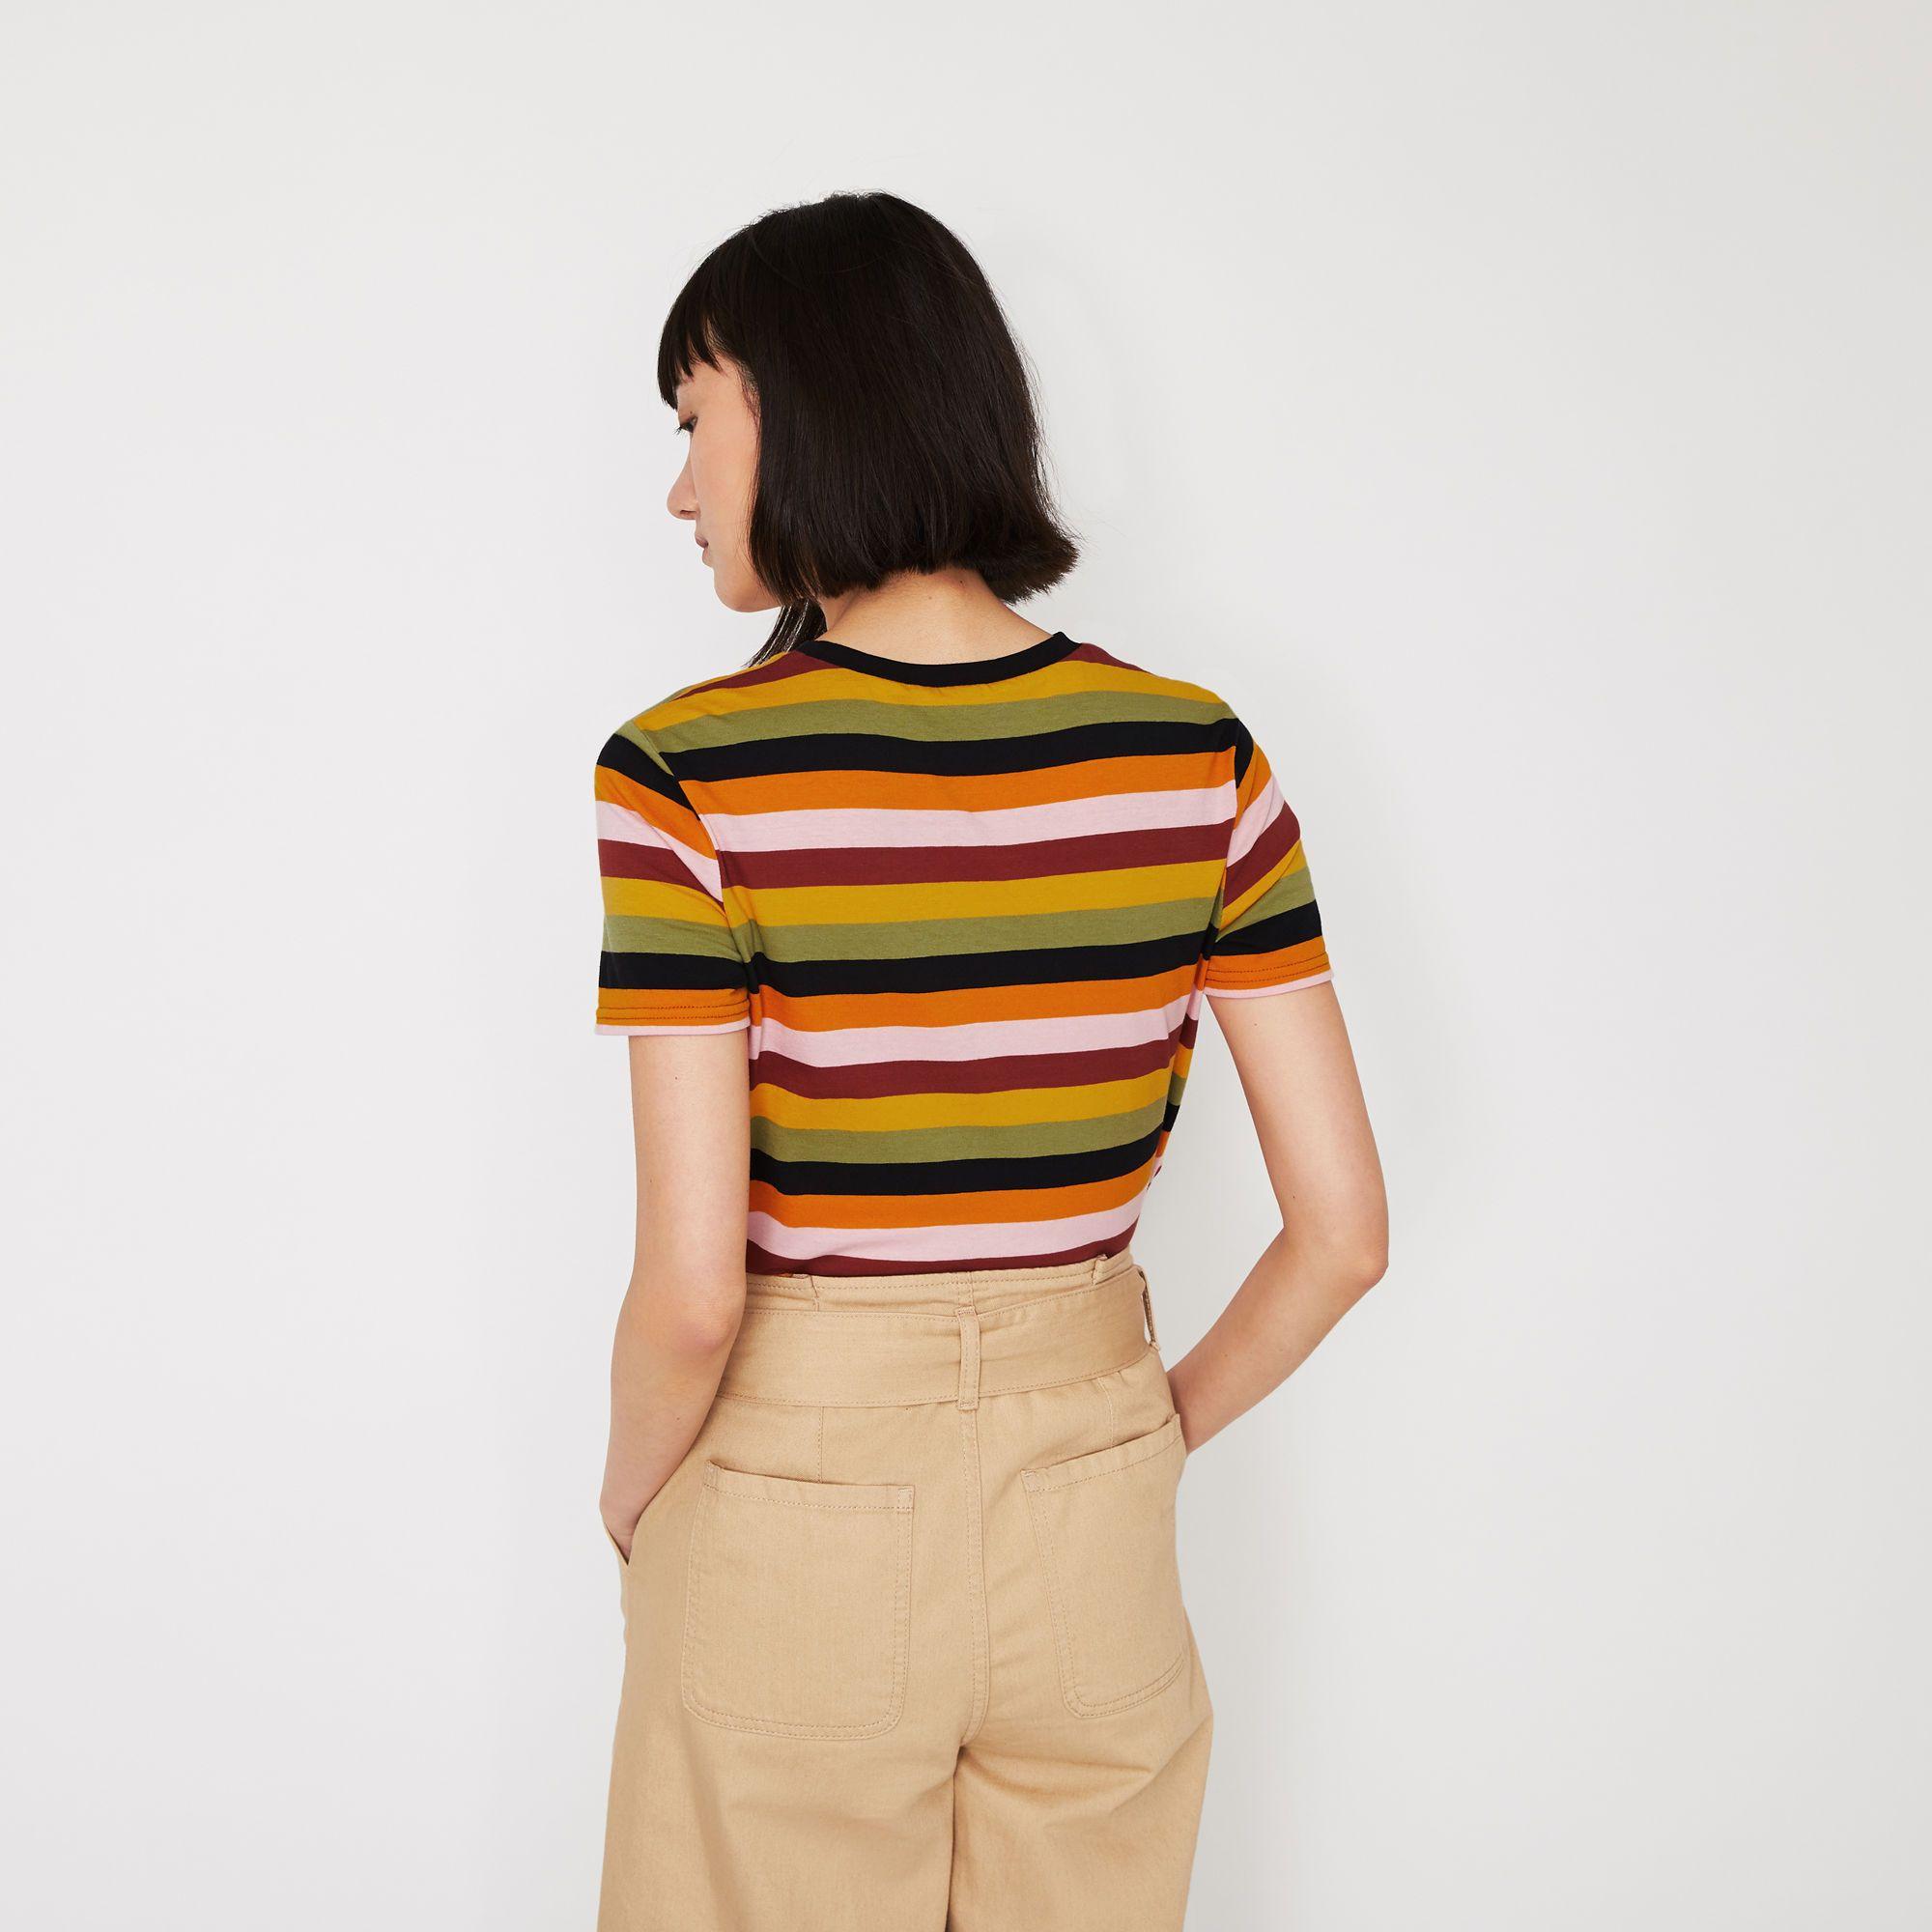 027272c135 Multi stripe t-shirt en 2019